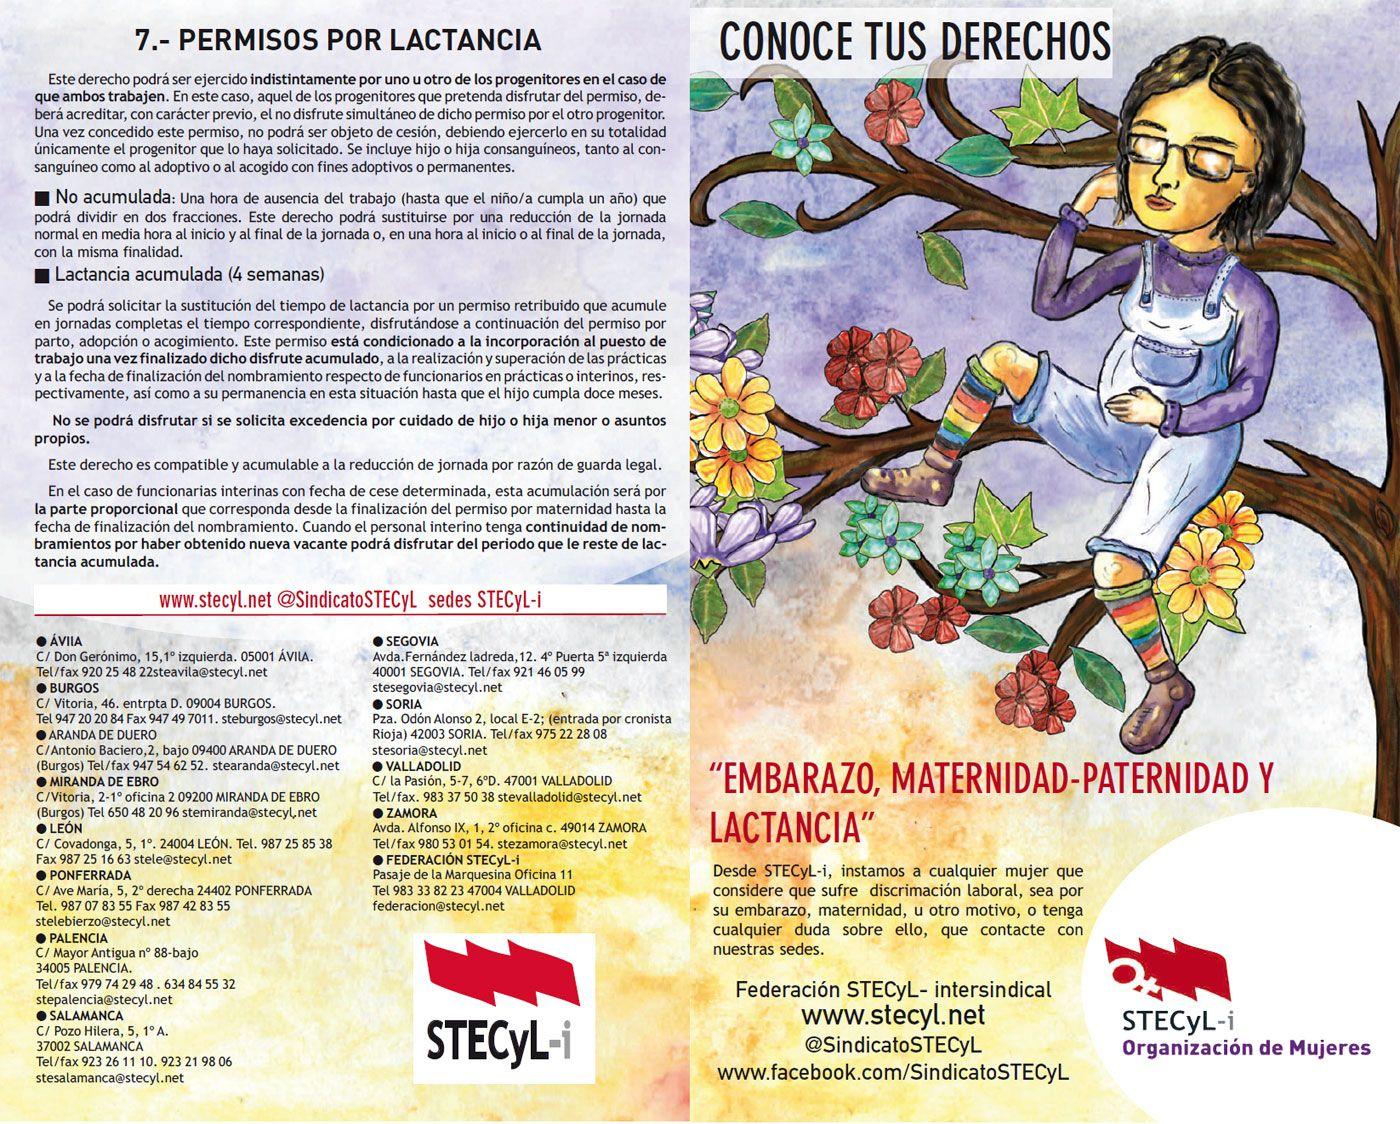 DERECHOS-EMBARAZO